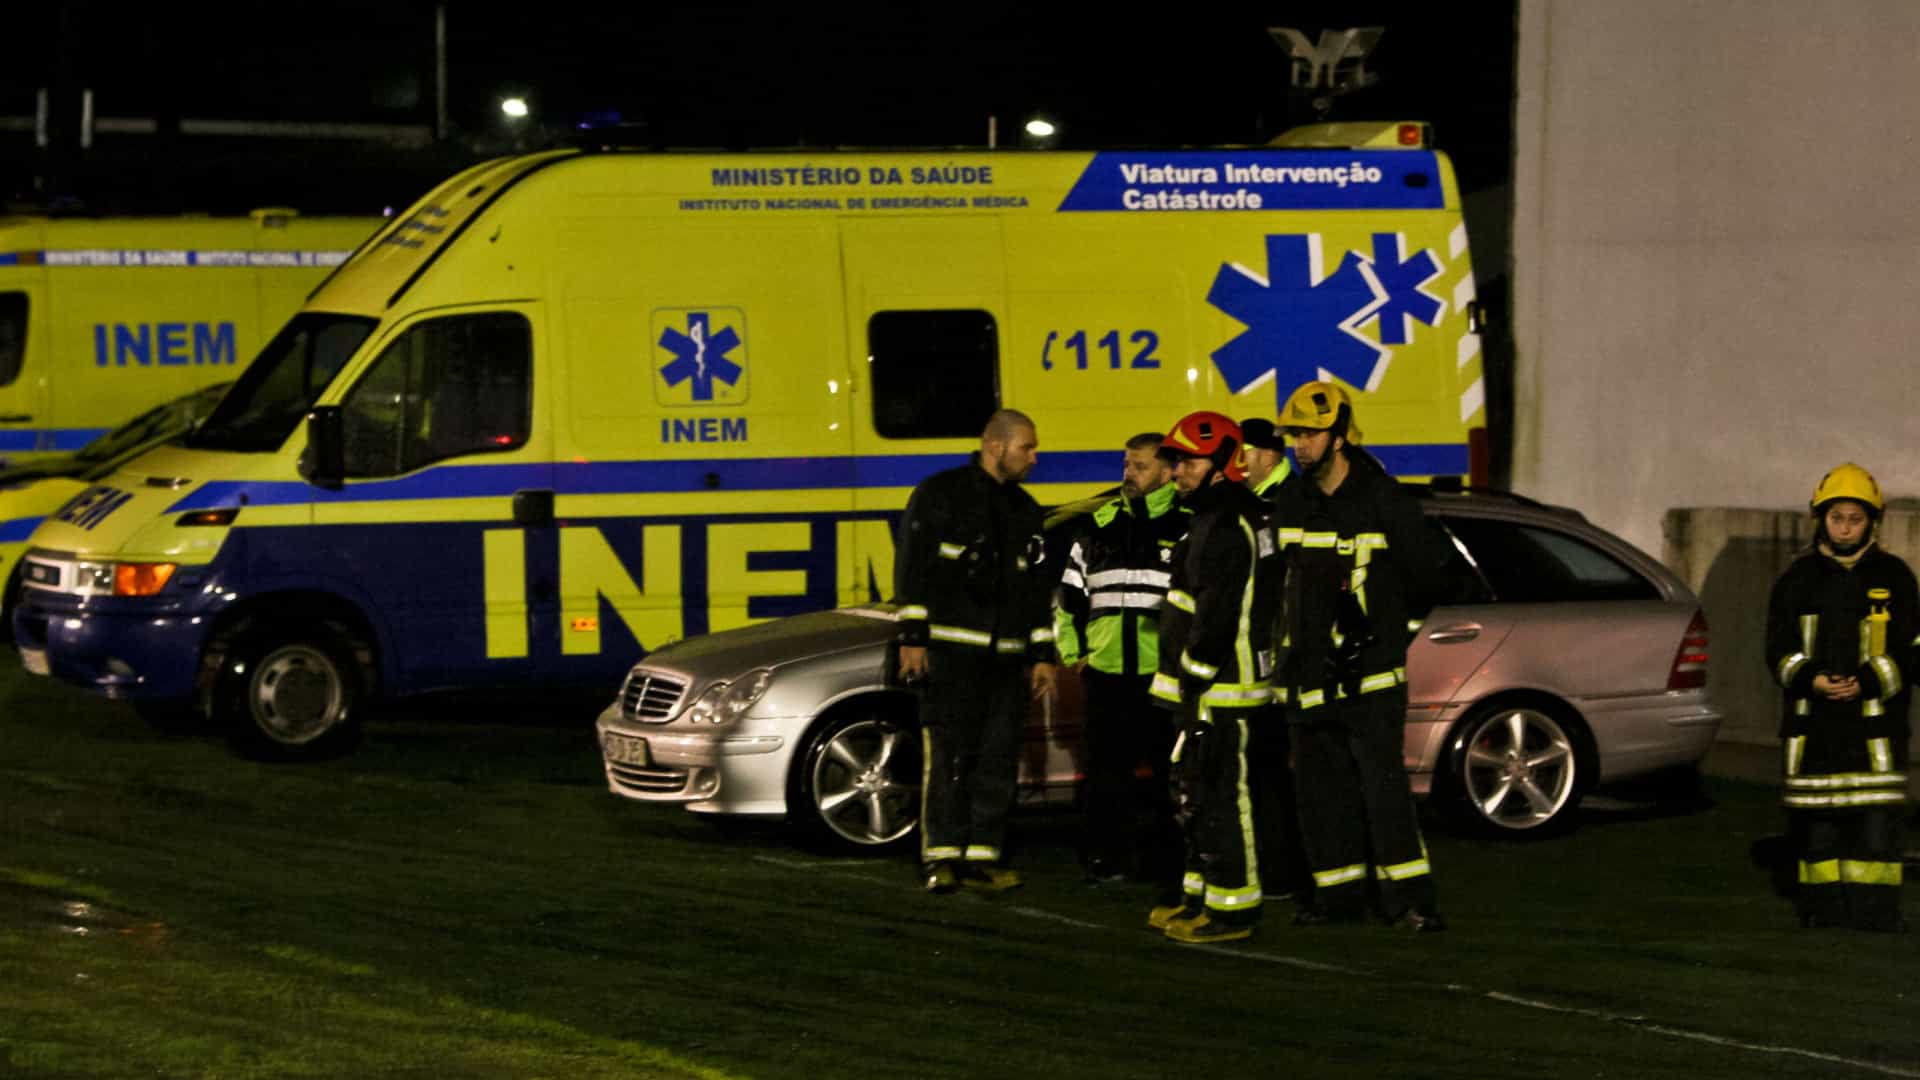 Corpos das vítimas de queda de helicóptero do INEM já foram retirados